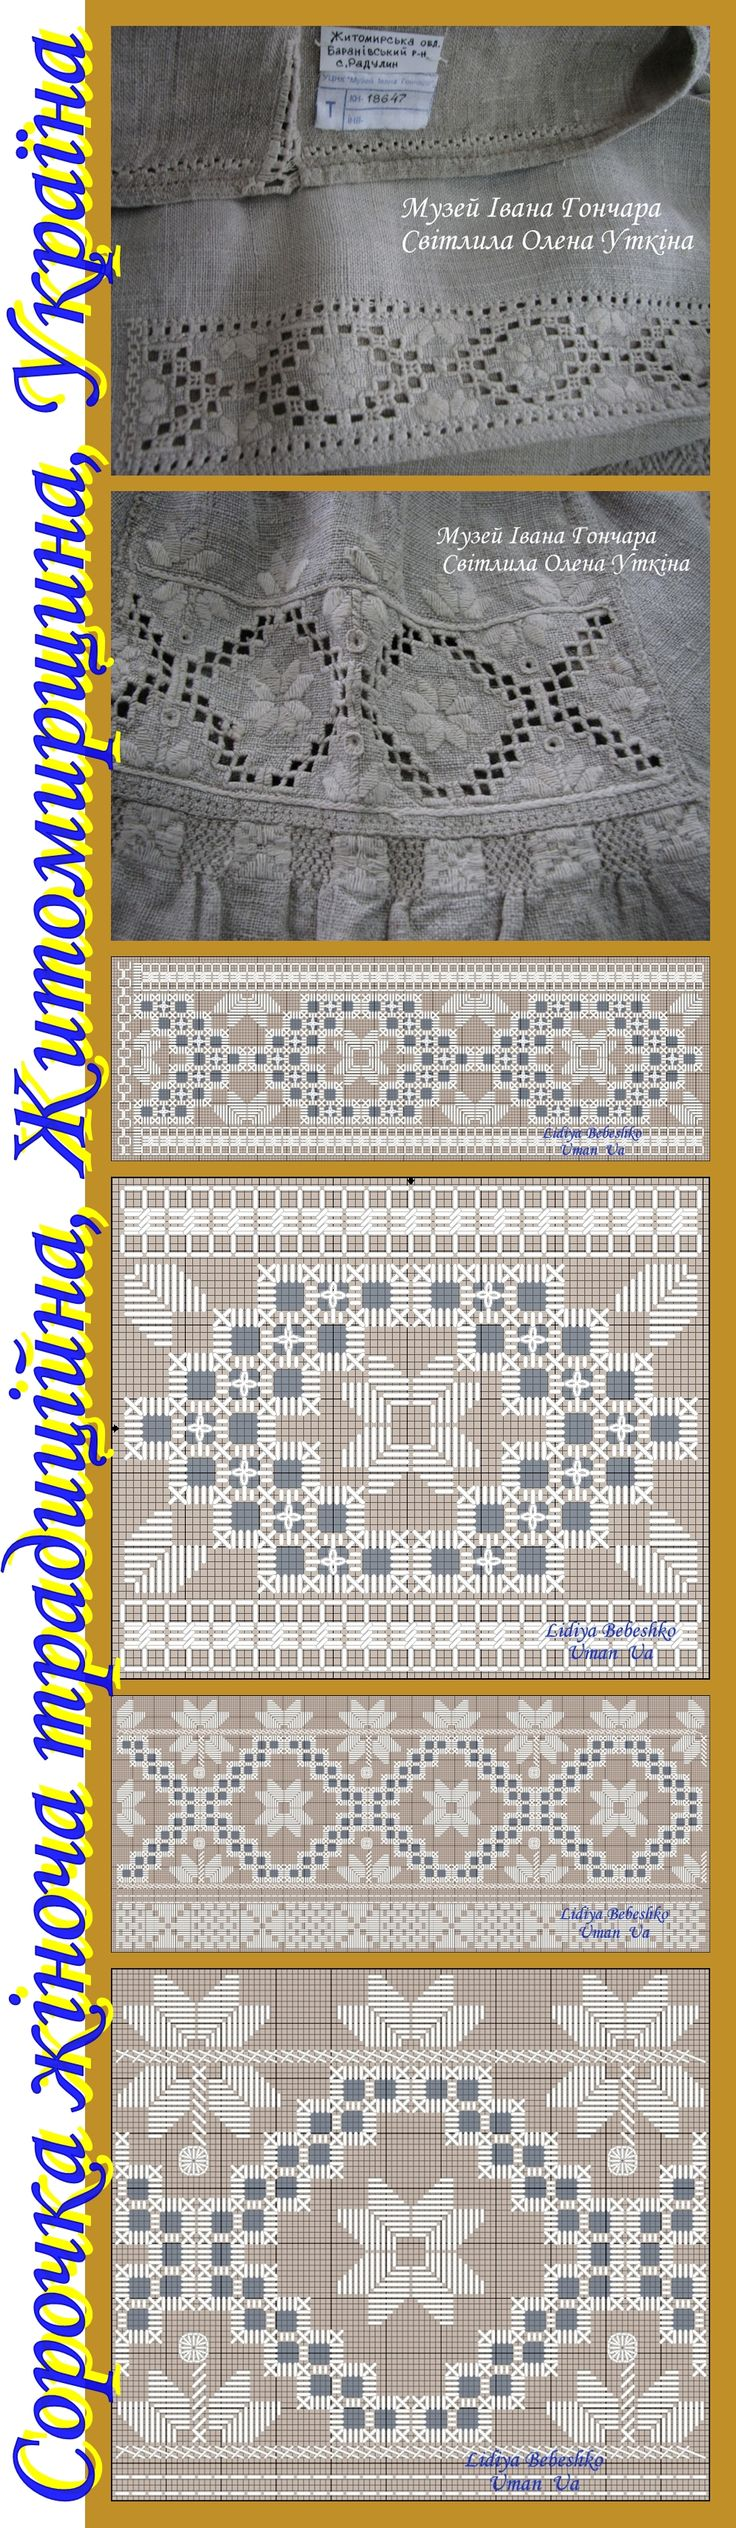 Вишивка на традиційній жіночій сорочці, Житомирщина, Україна  (з фондів Музею Івана Гончара)